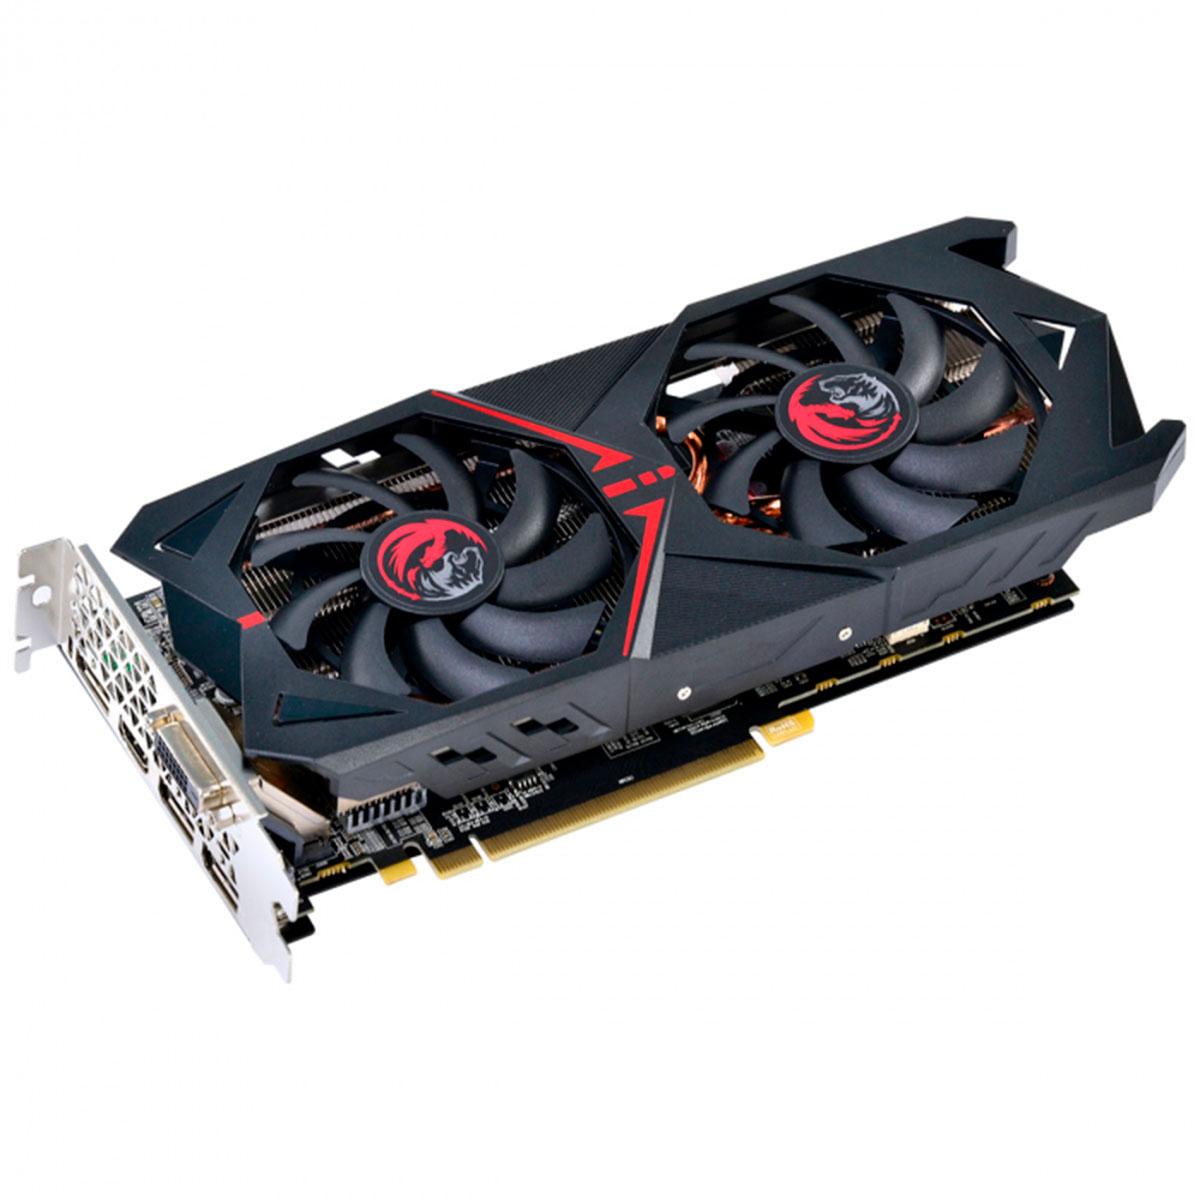 Placa de Vídeo PCYes RX 570 4GB GDDR5 256 Bits Dual Fan - PJRX570G5256